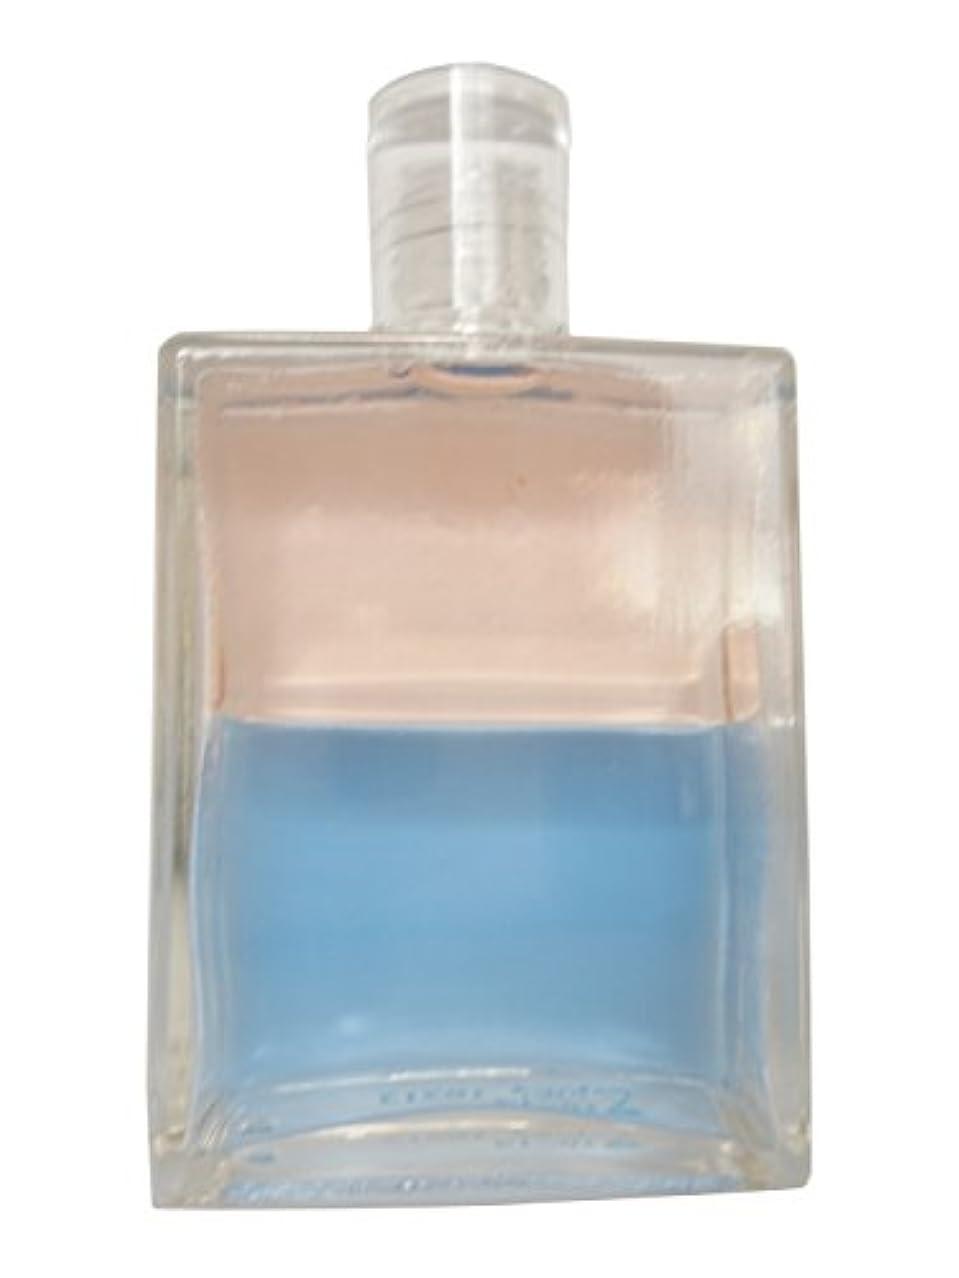 。有用ライバルB57パラスアテナ&アイオロス オーラーソーマ イクイリブリアムボトル